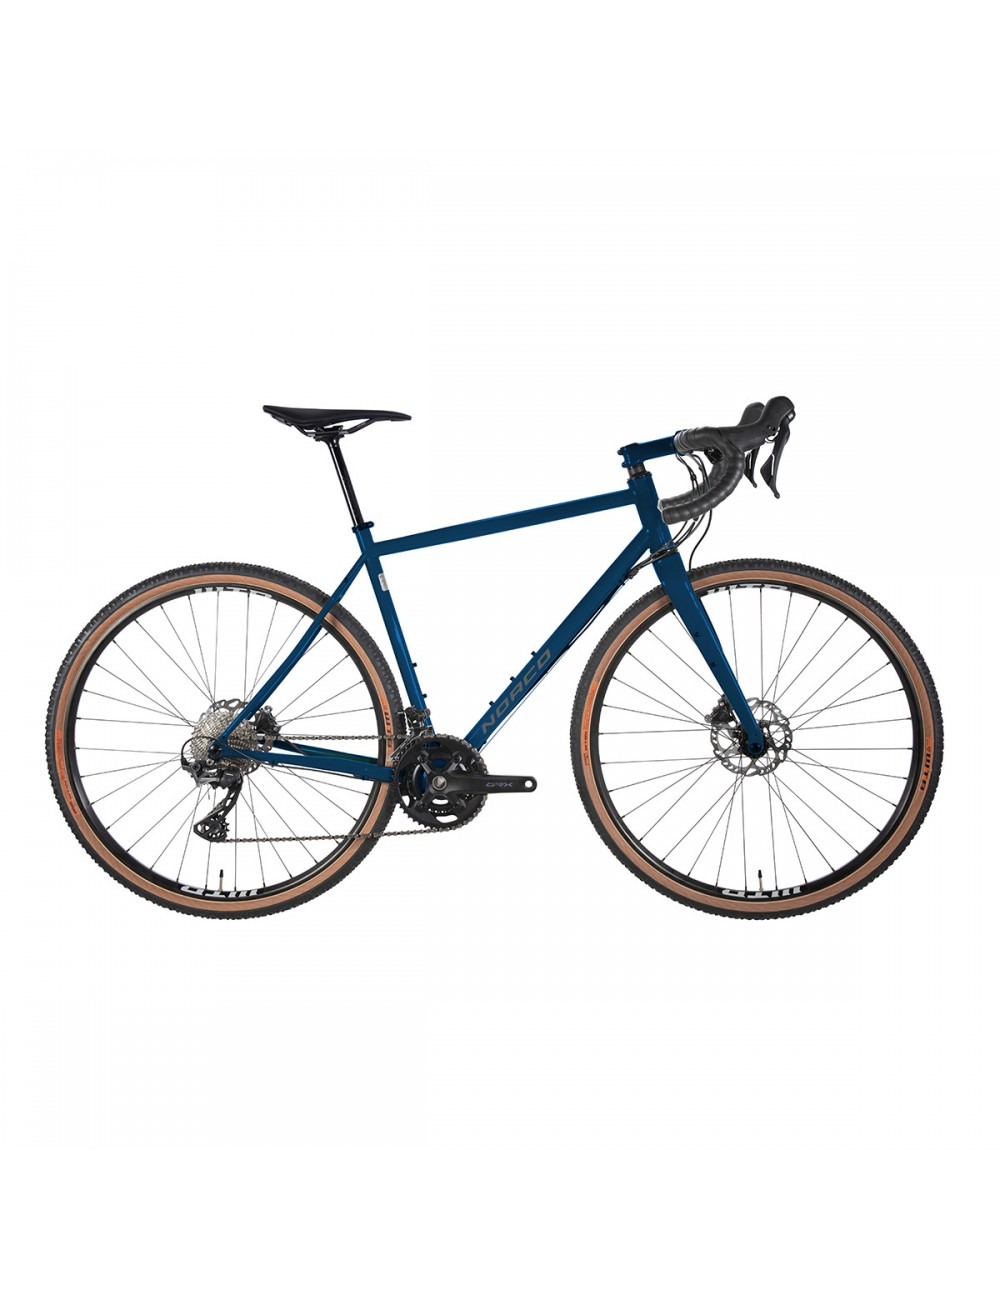 Norco Search XR S2 Bike - Steller's Blue_13428